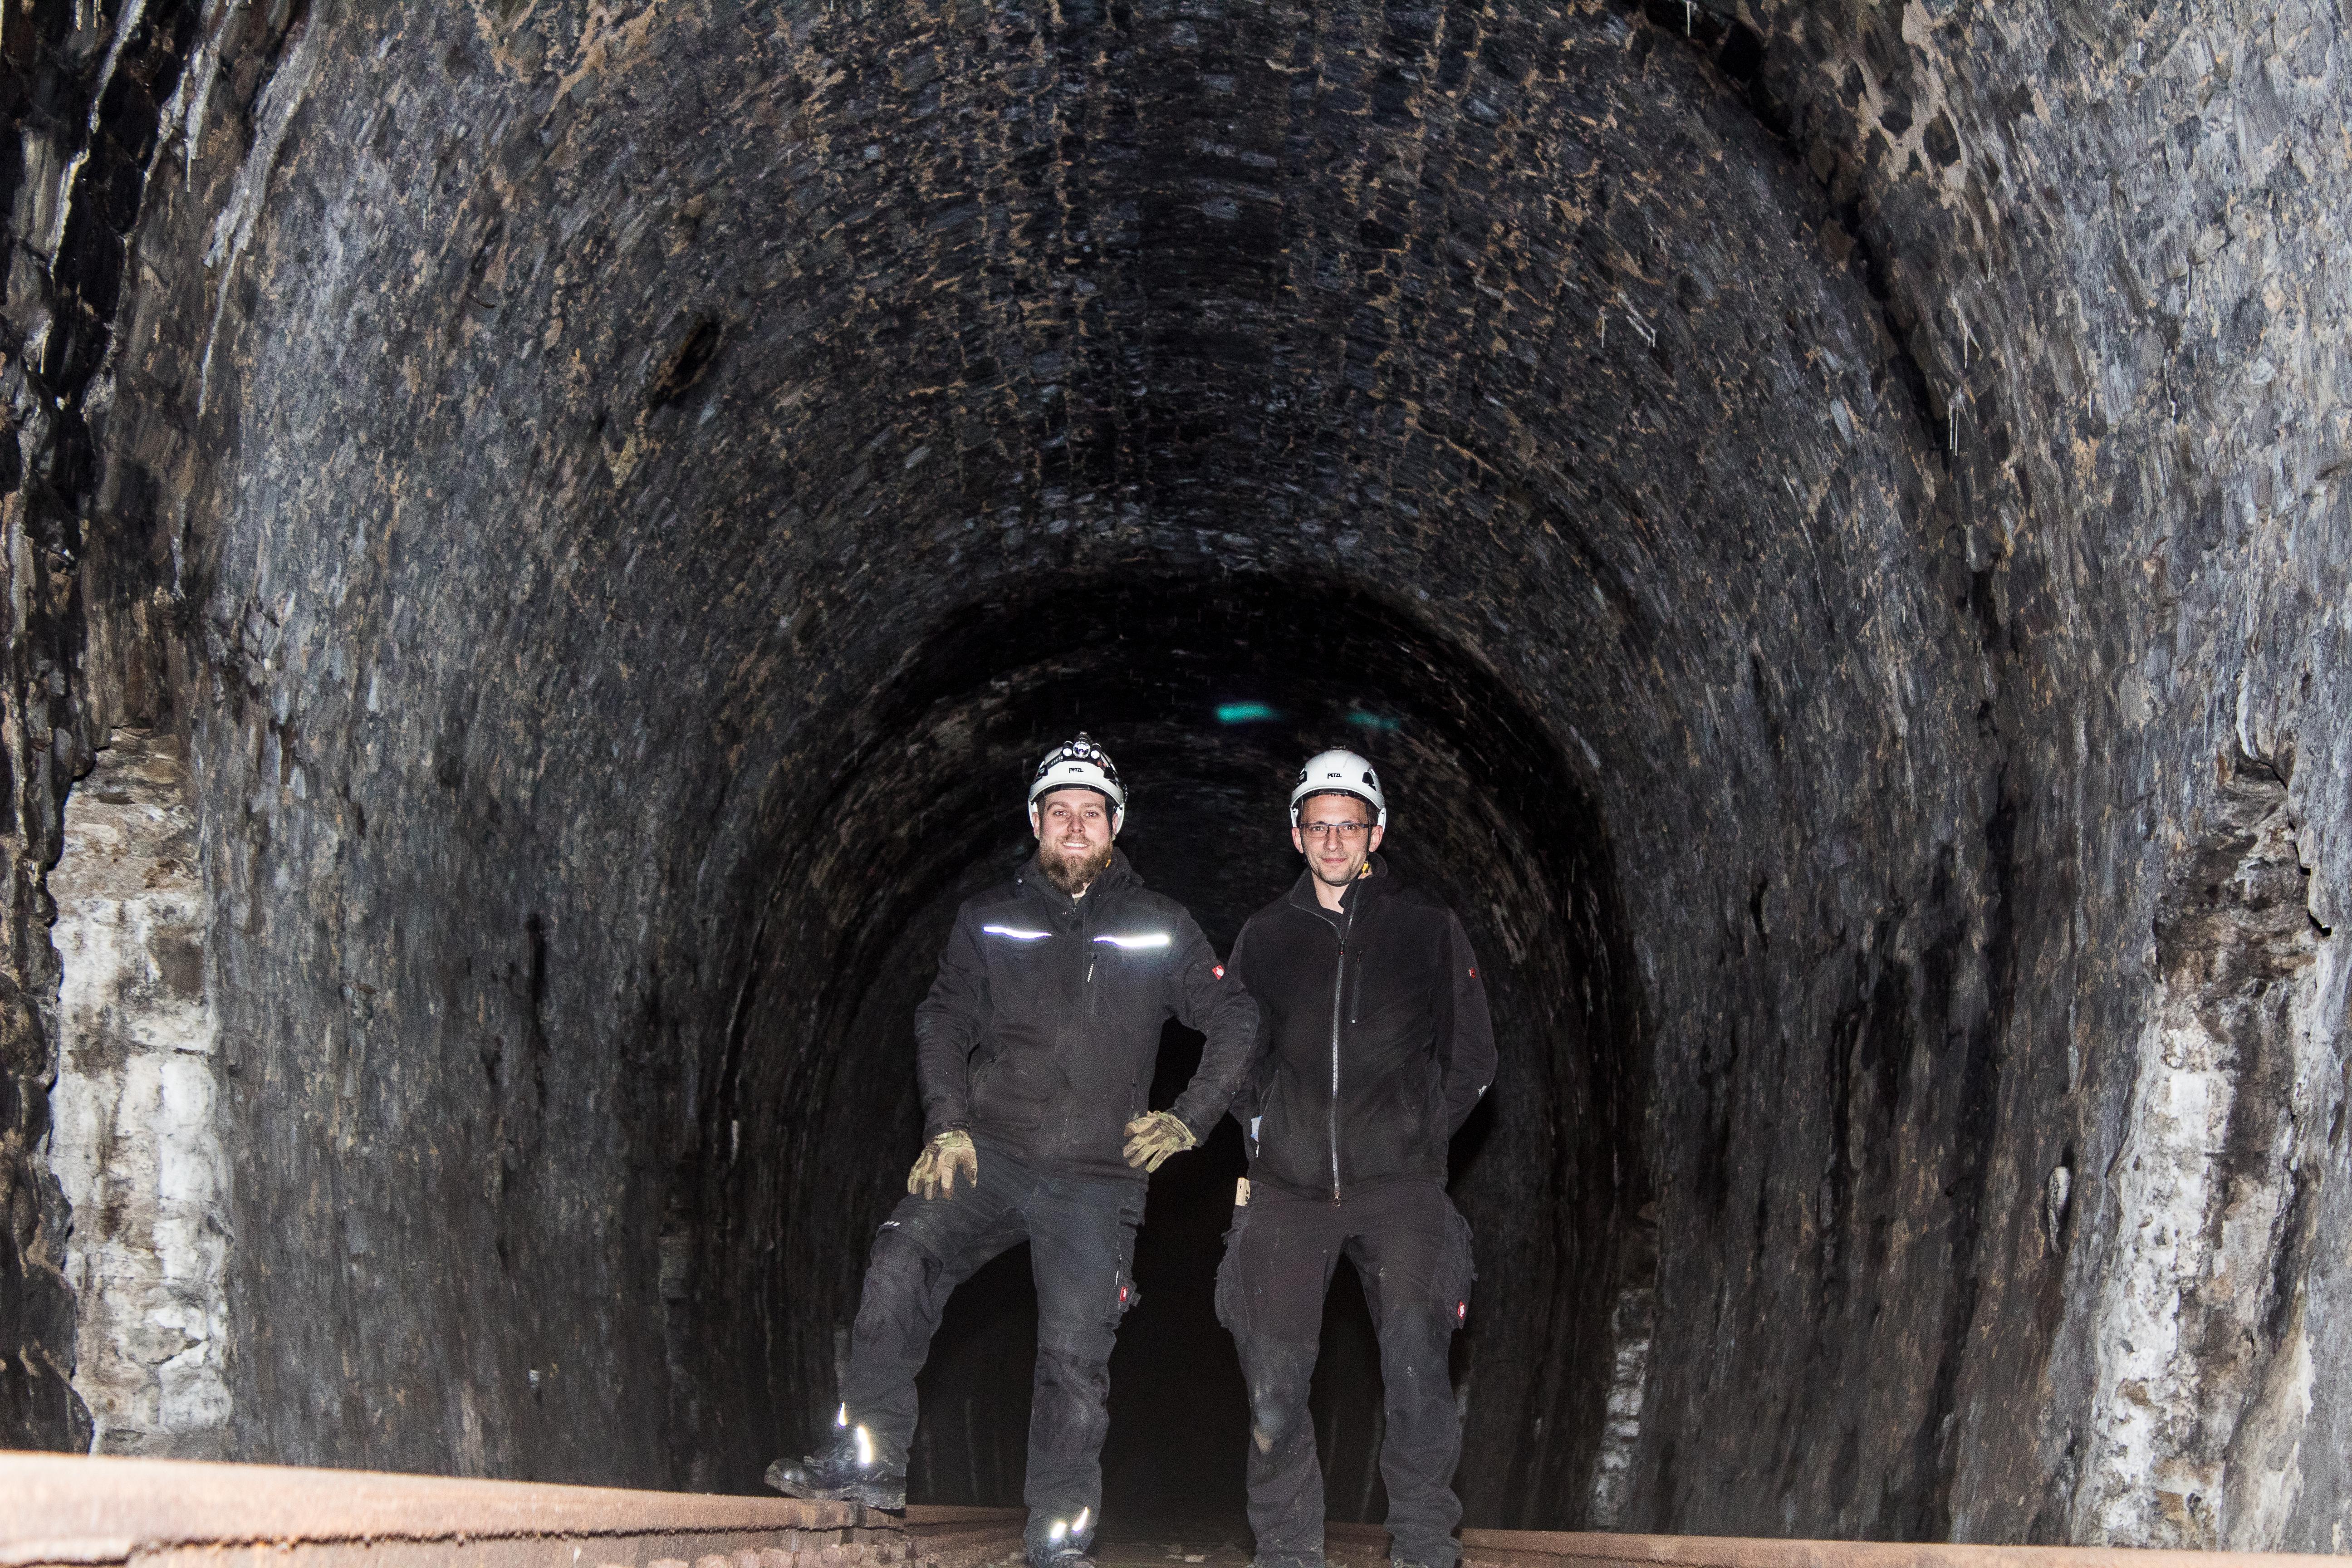 NRW-Untertage auf Tour 2019 im Tunnel